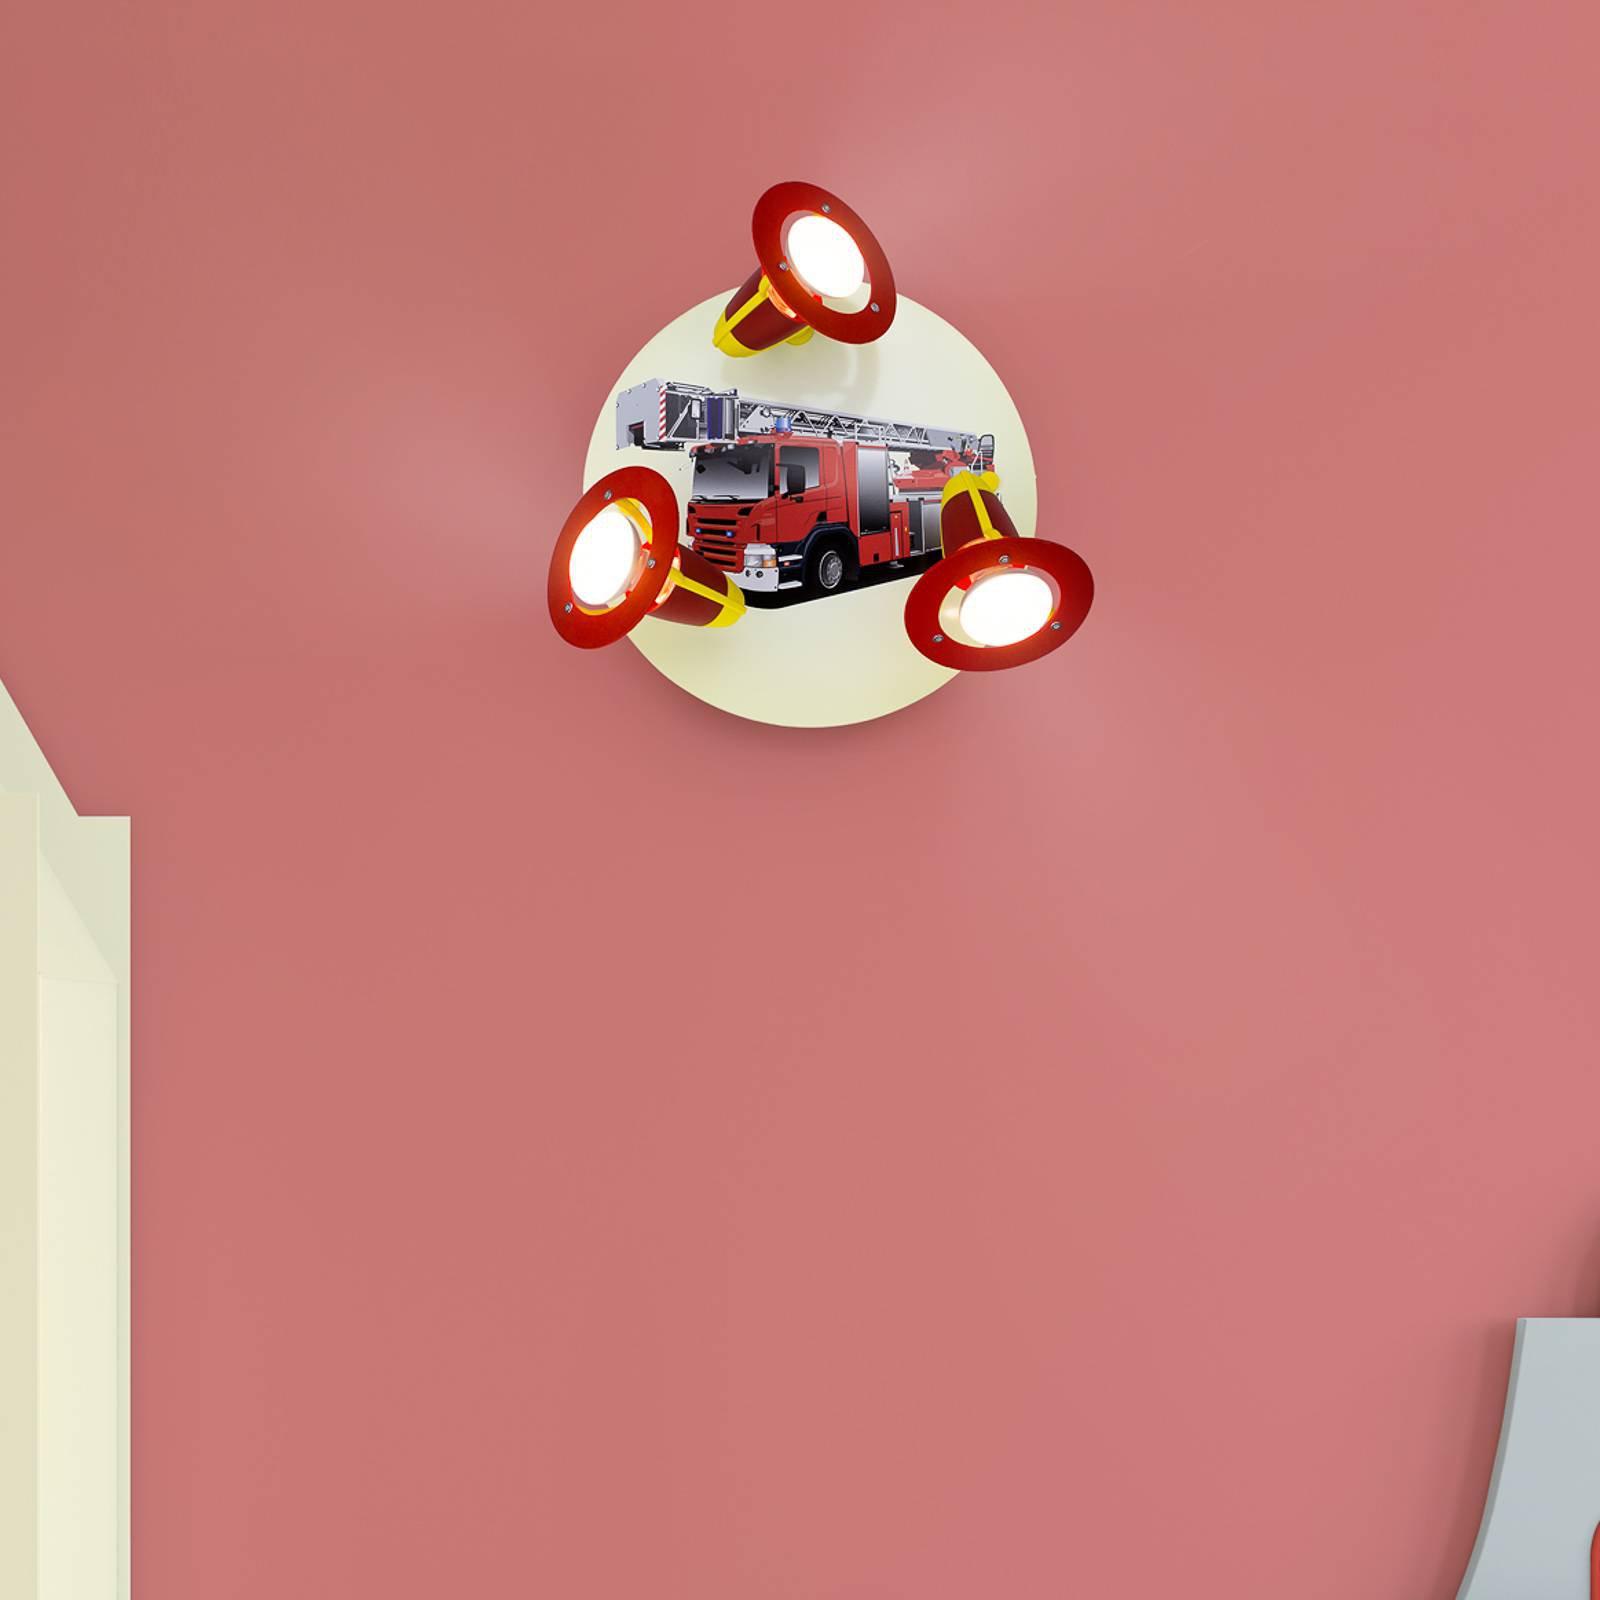 Taklampe Brannbil, rød og gul, 3 lyskilder